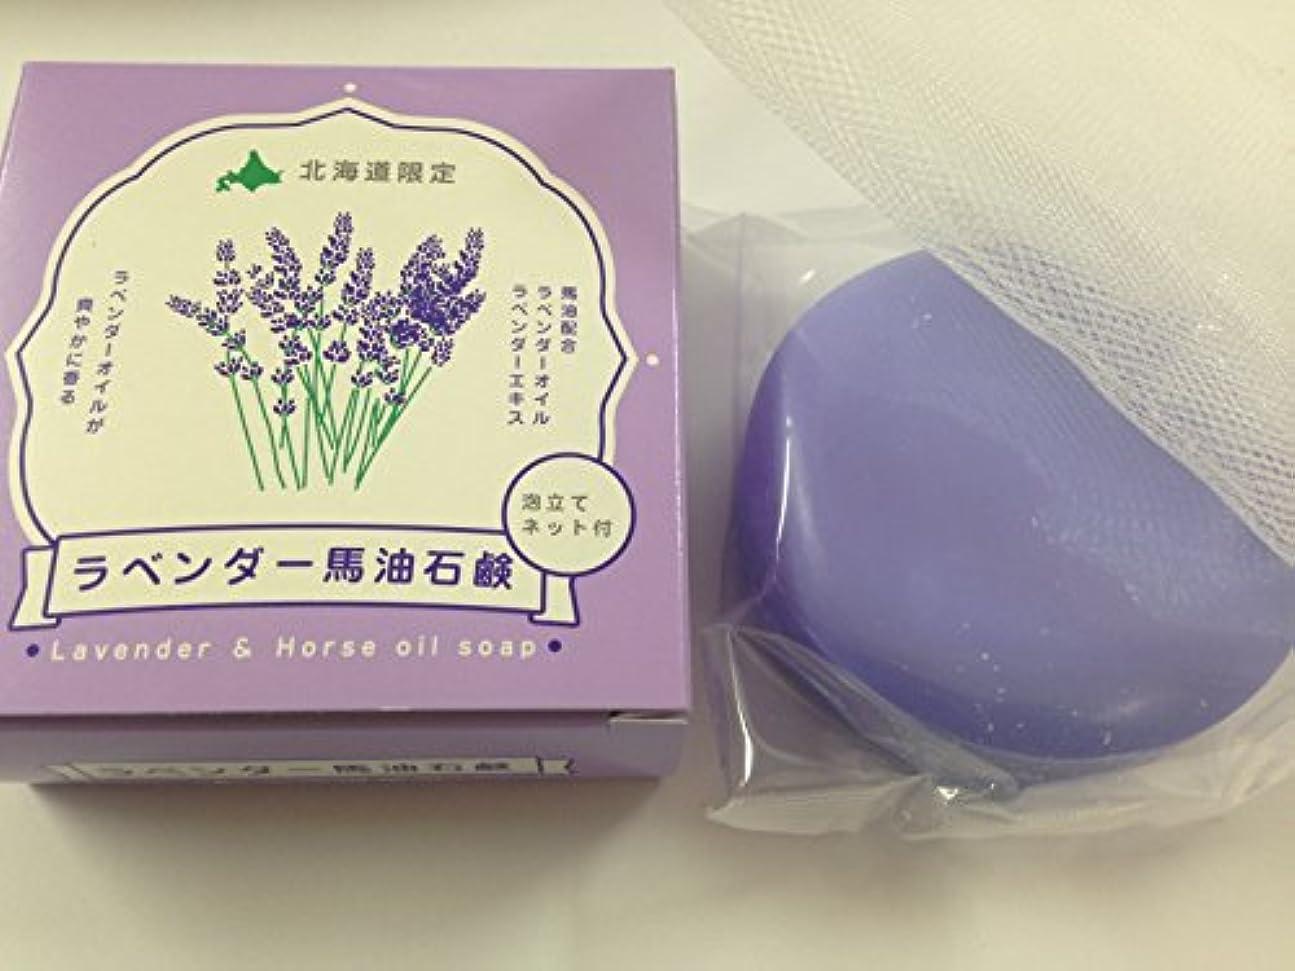 塊溶接エイズラベンダー馬油石けん?泡立てネット付き 100g ?Lavender & Horse oil Soap